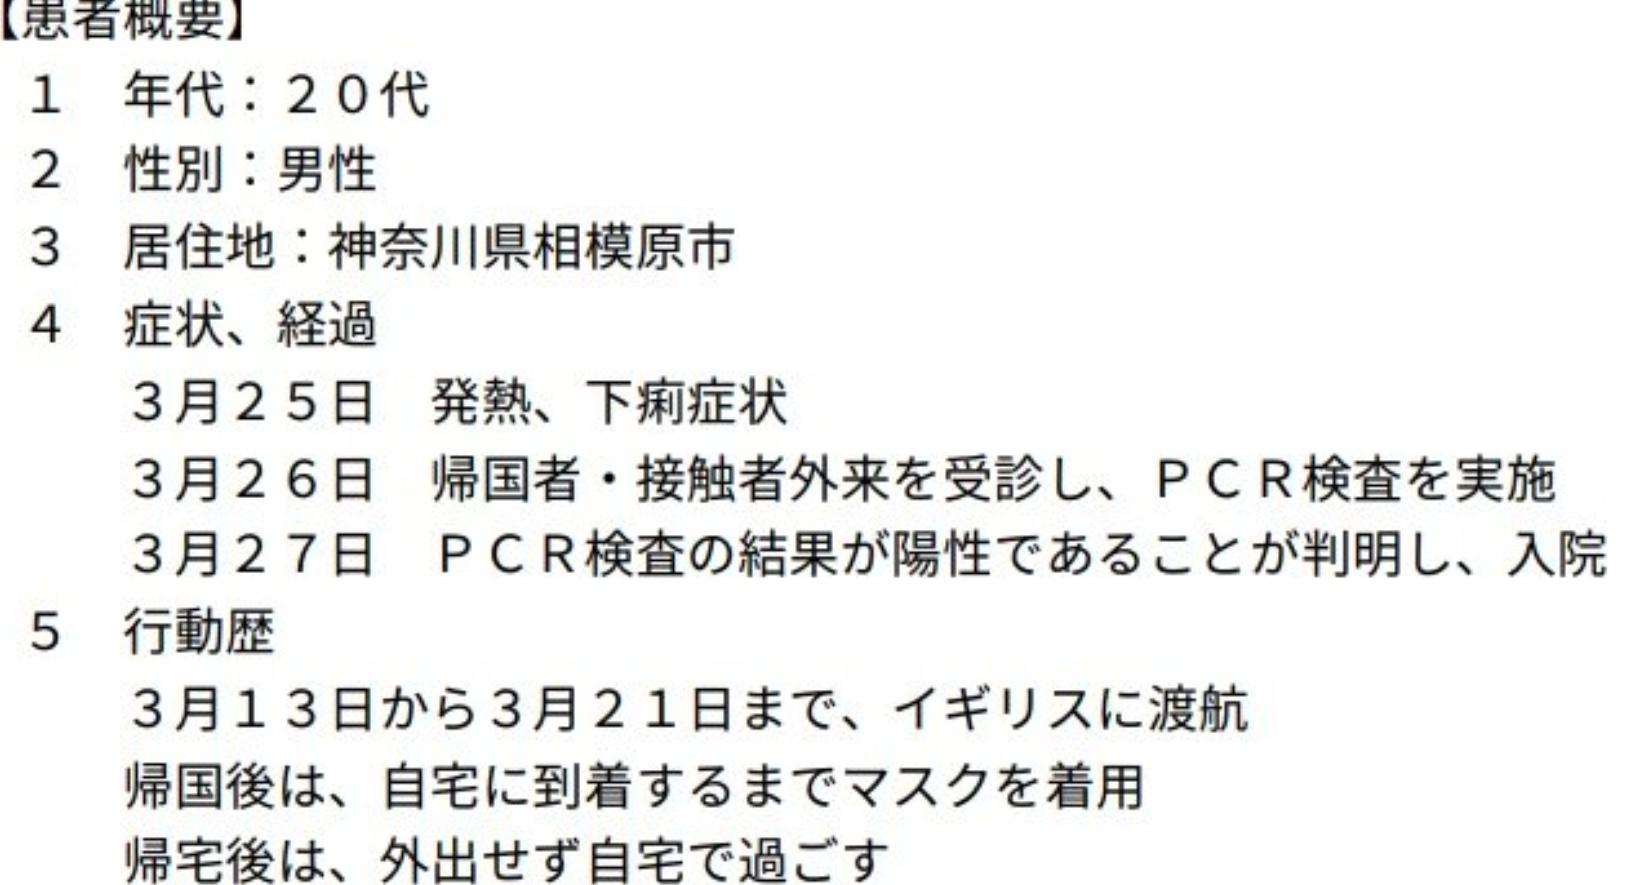 イギリス帰国の神奈川県相模原市20代学生(男性)は誰で住んでる場所や学校はどこ?行動歴は?